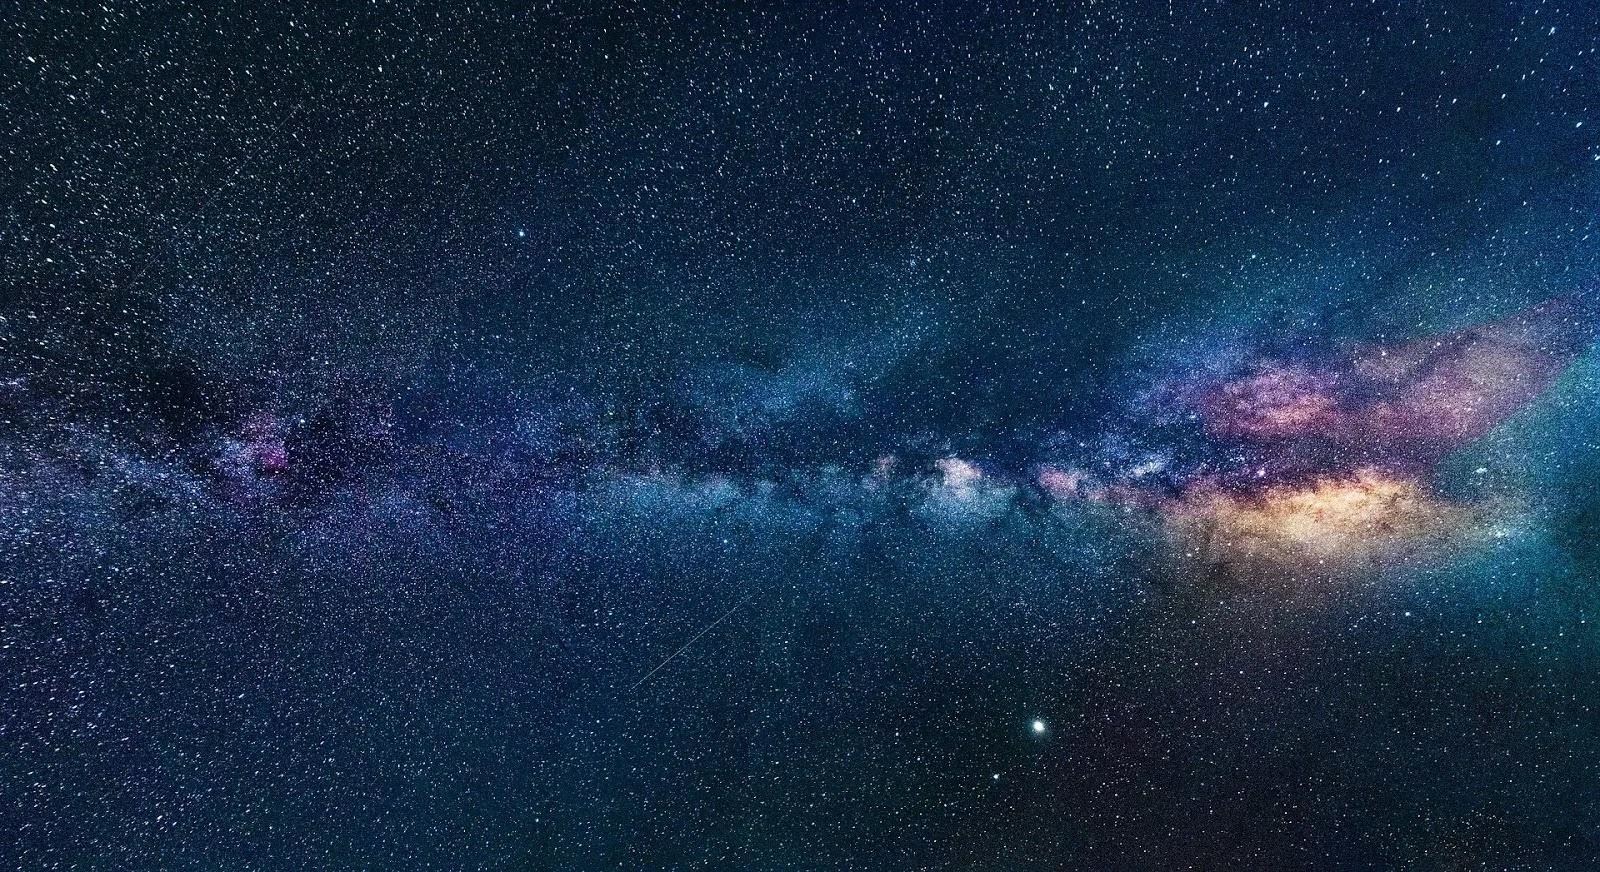 أفضل خلفيات الفضاء للكمبيوتر